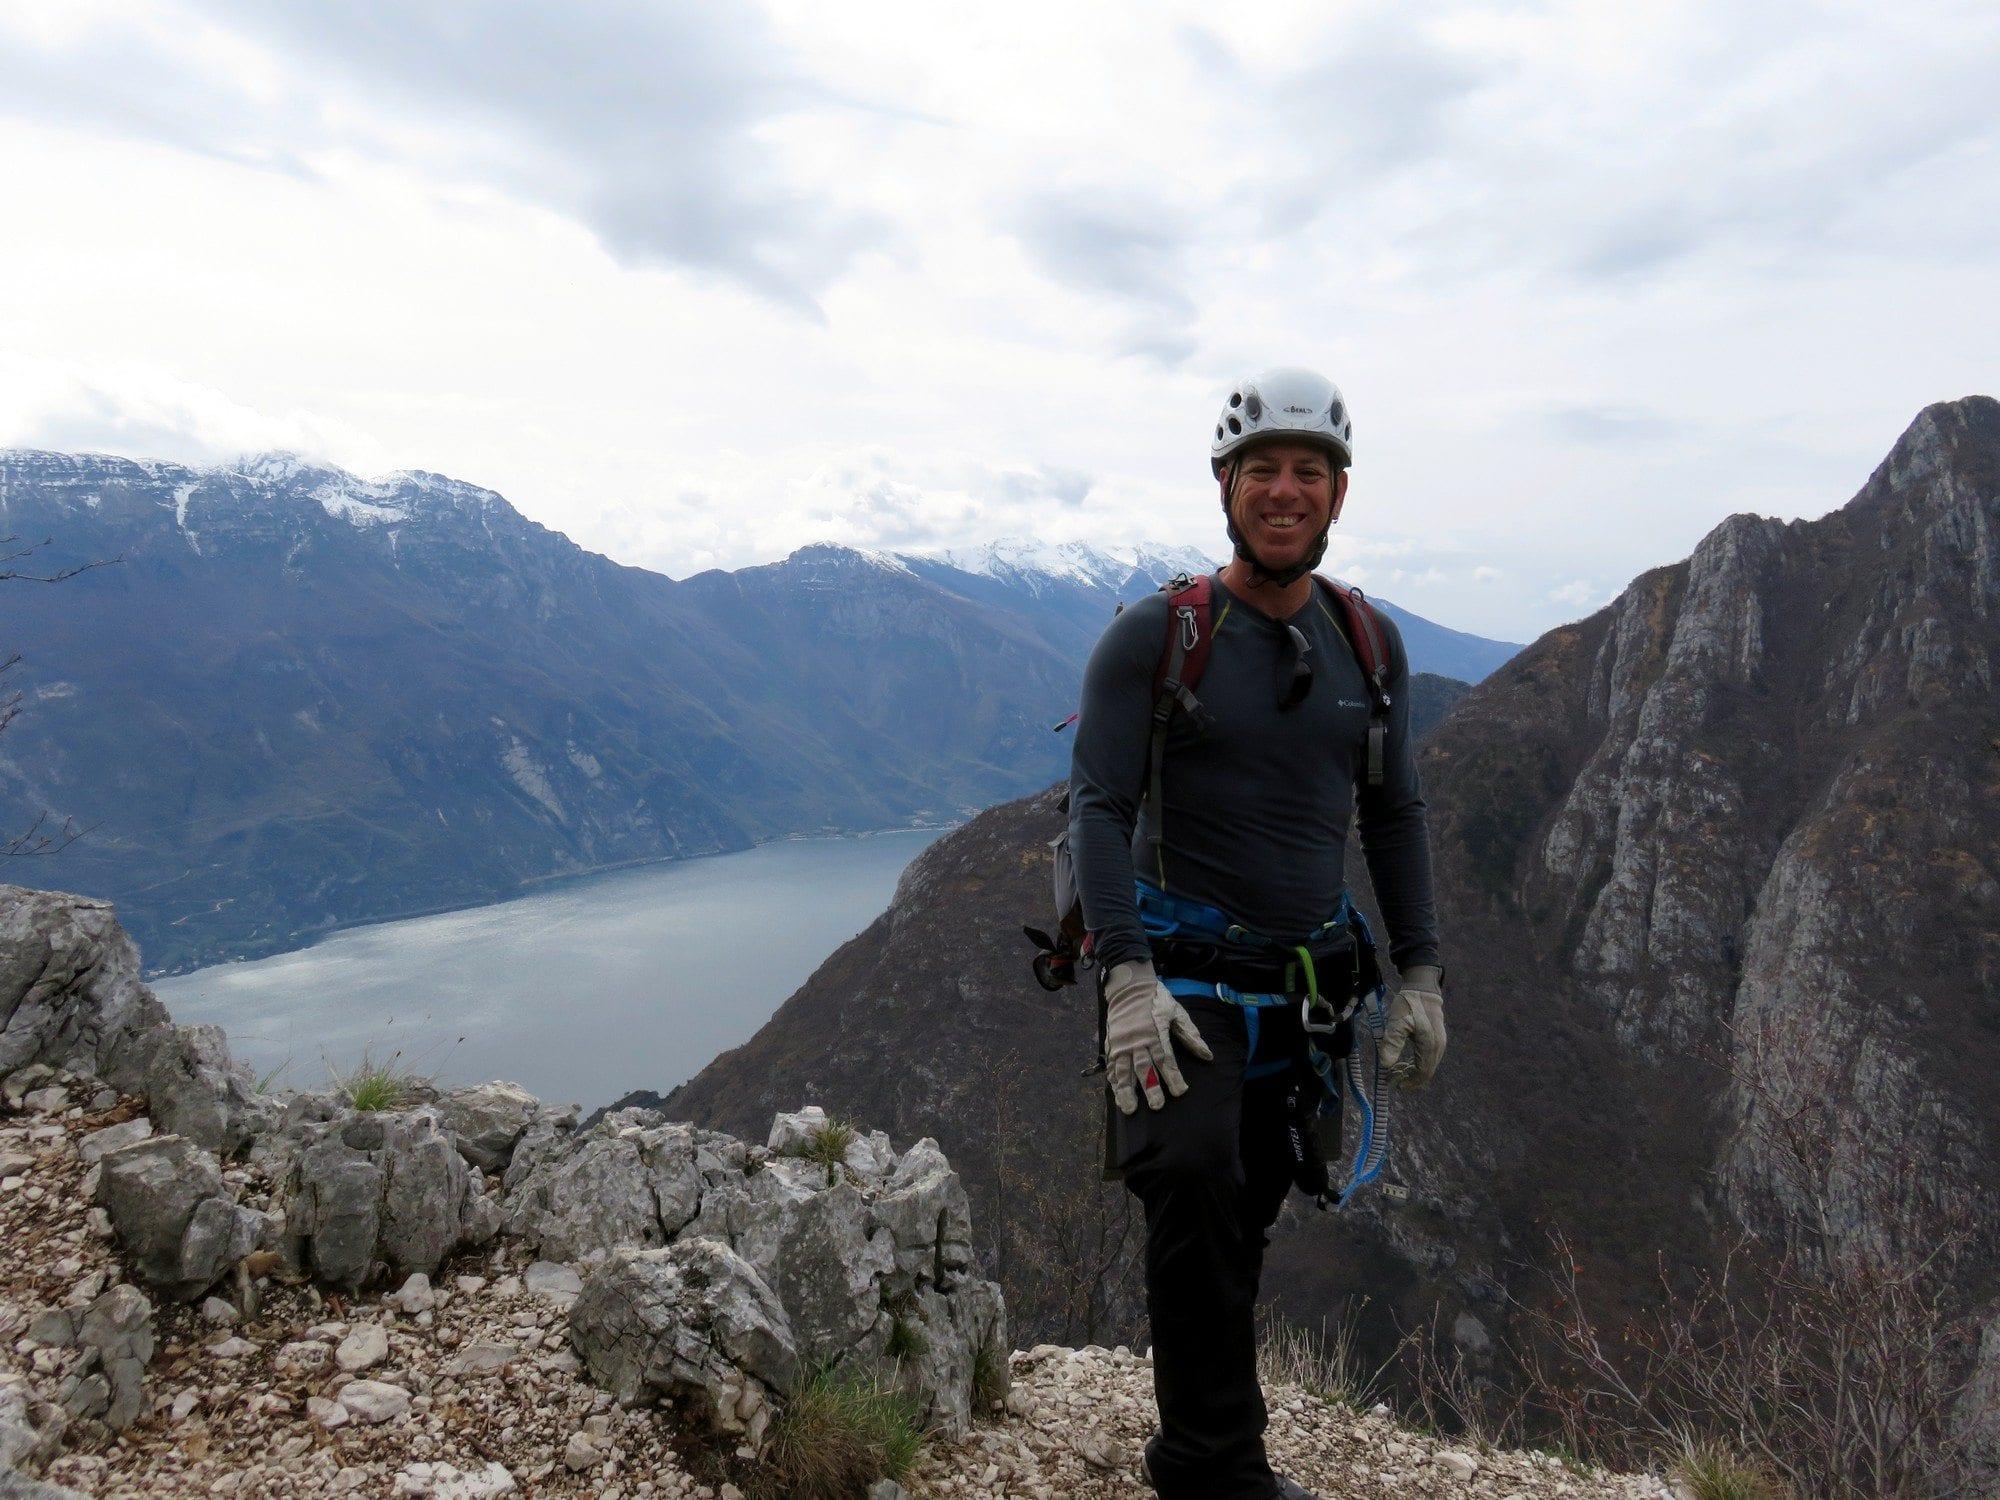 ויה פראטה Colodri - טיול איכות מאורגן צפון איטליה - ערוצים בטבע